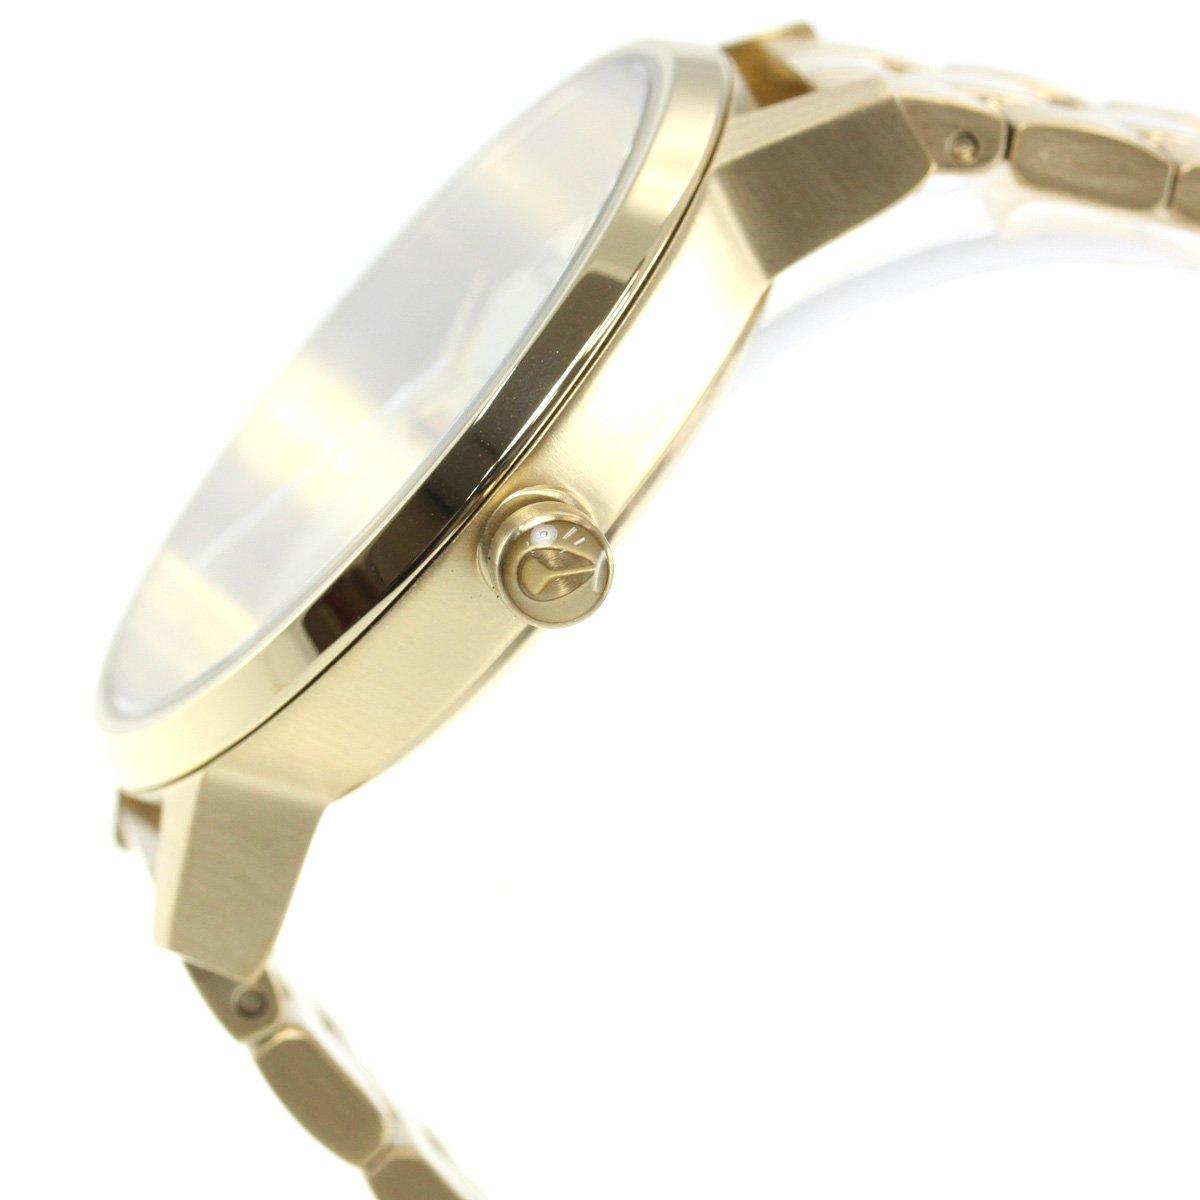 50119aed4f Amazon   [ニクソン]NIXON ケンジントン KENSINGTON 腕時計 レディース ライトゴールド/ミラー NA0992764-00  [正規輸入品]   NIXON(ニクソン)   腕時計 通販